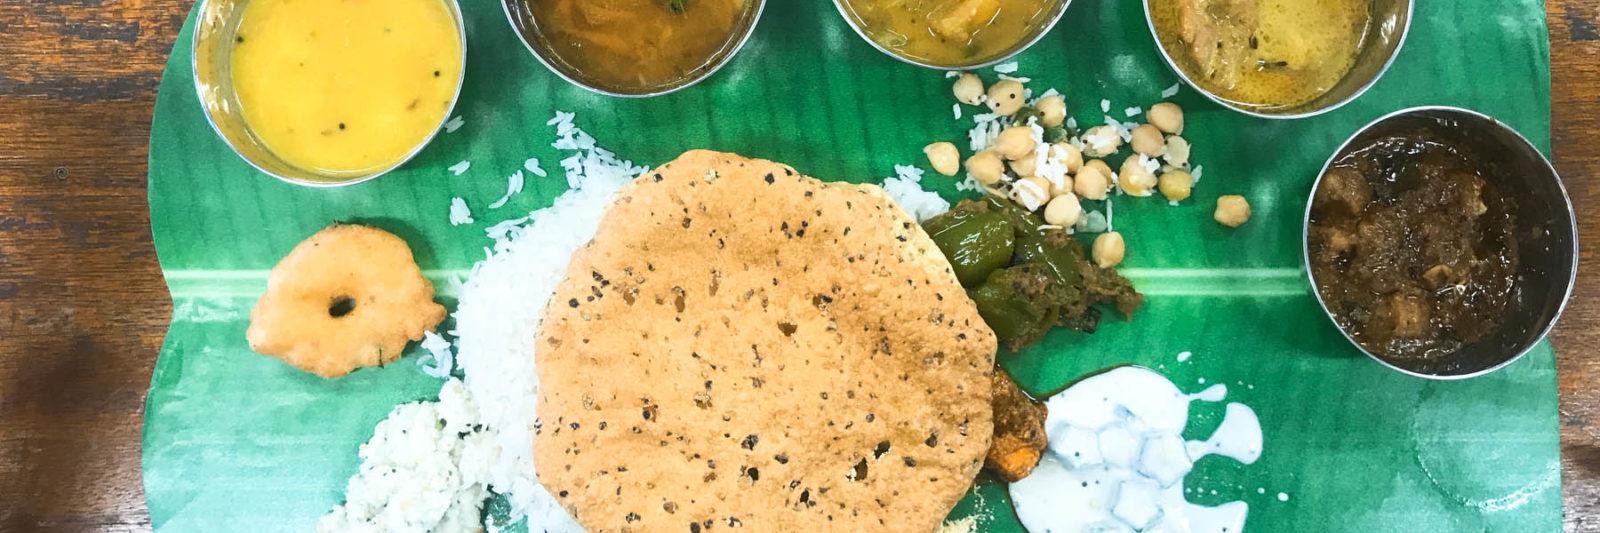 第26回印度料理研究会ミールス